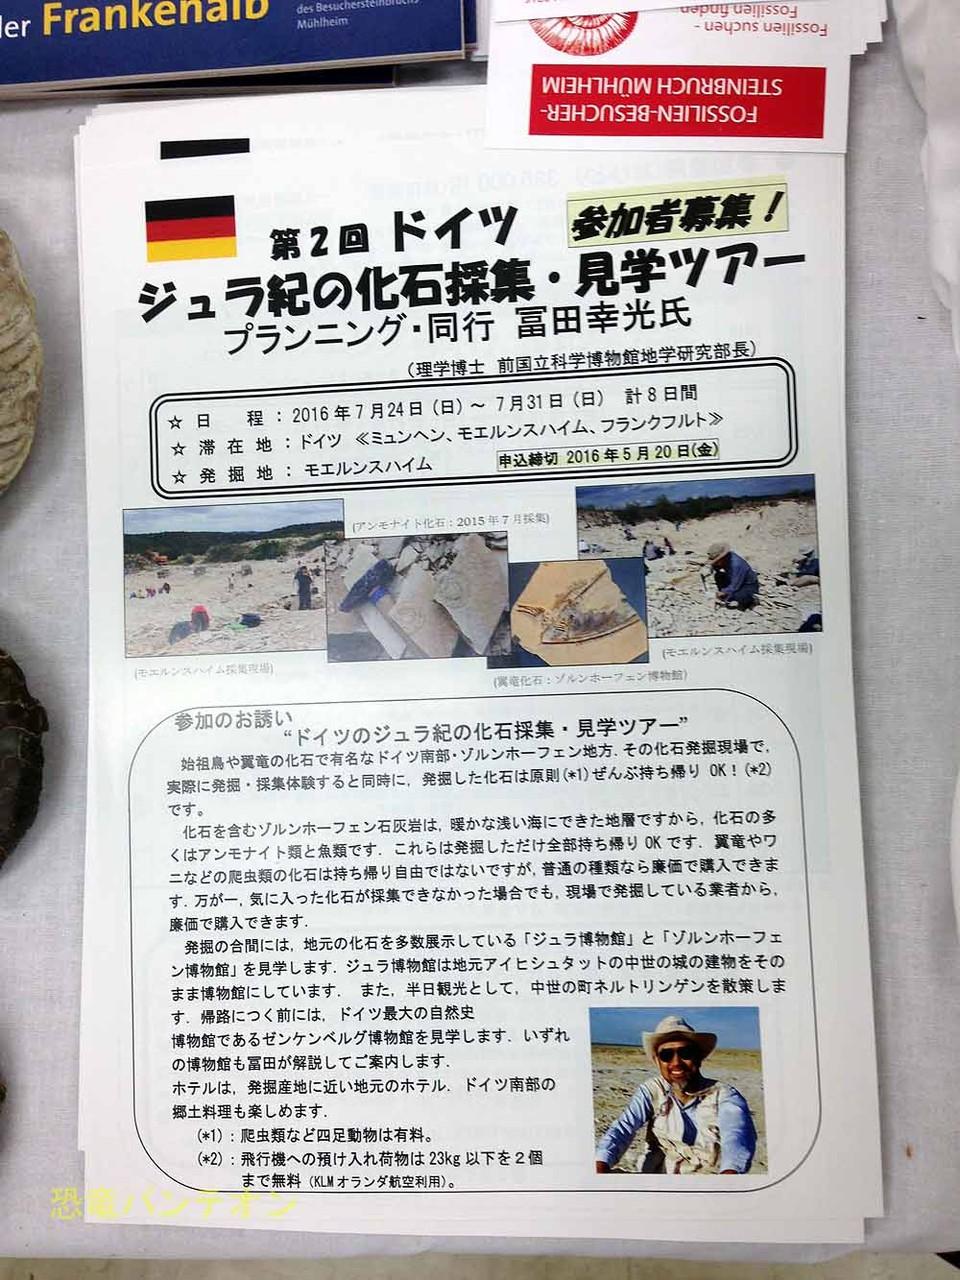 冨田先生のゾルンホーフェンツアー、2016年夏も催行!